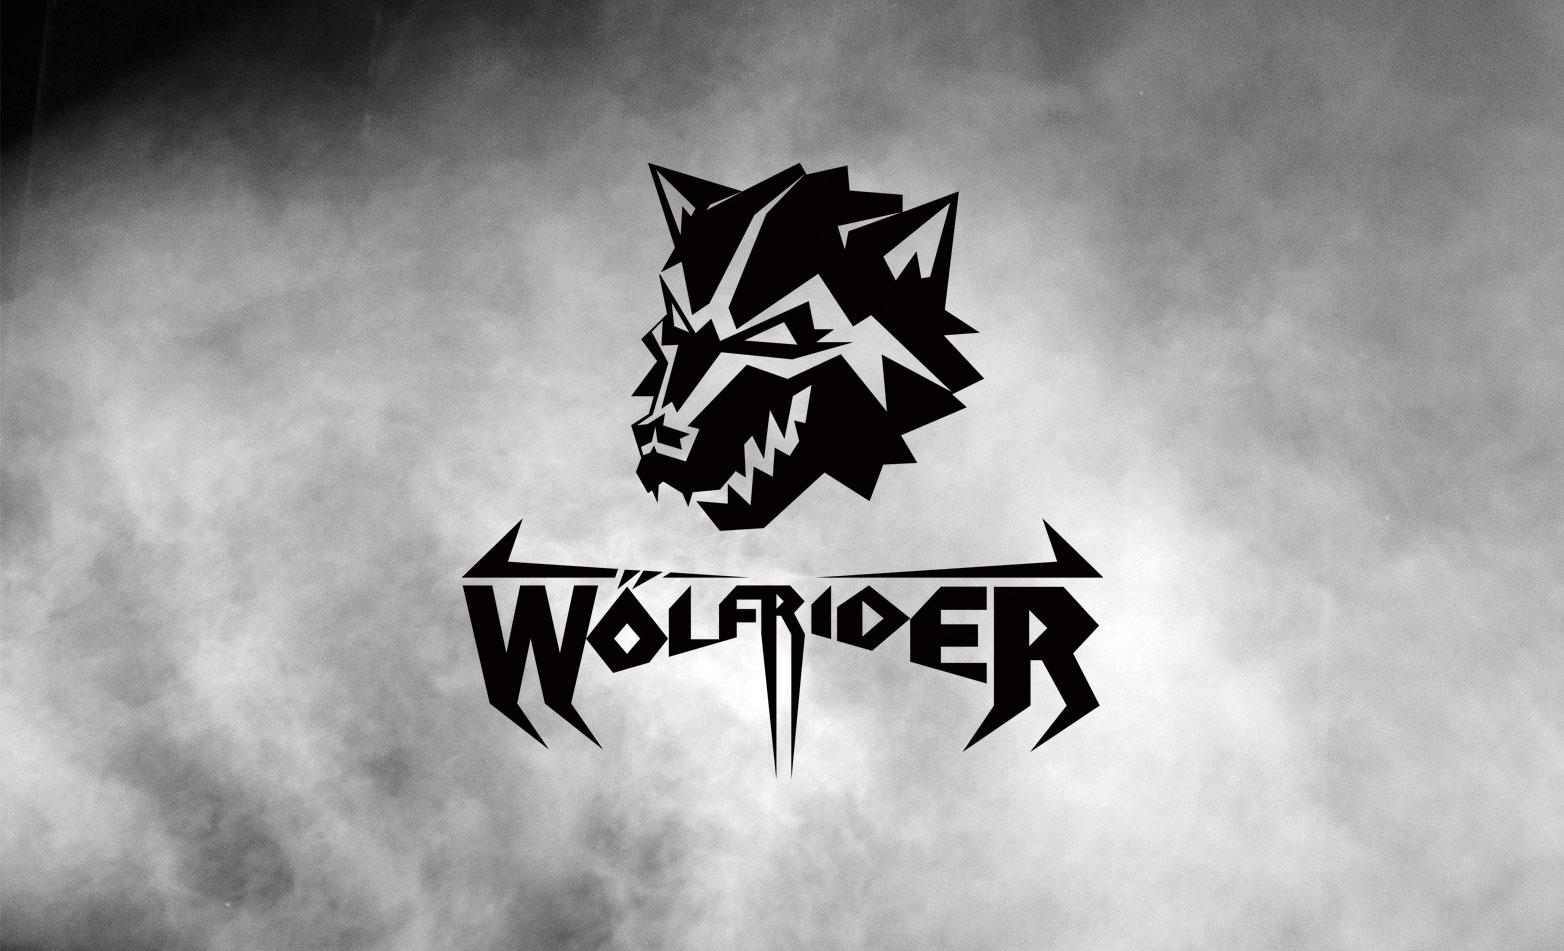 logo-wolfrider-wizualizacja-1-2014